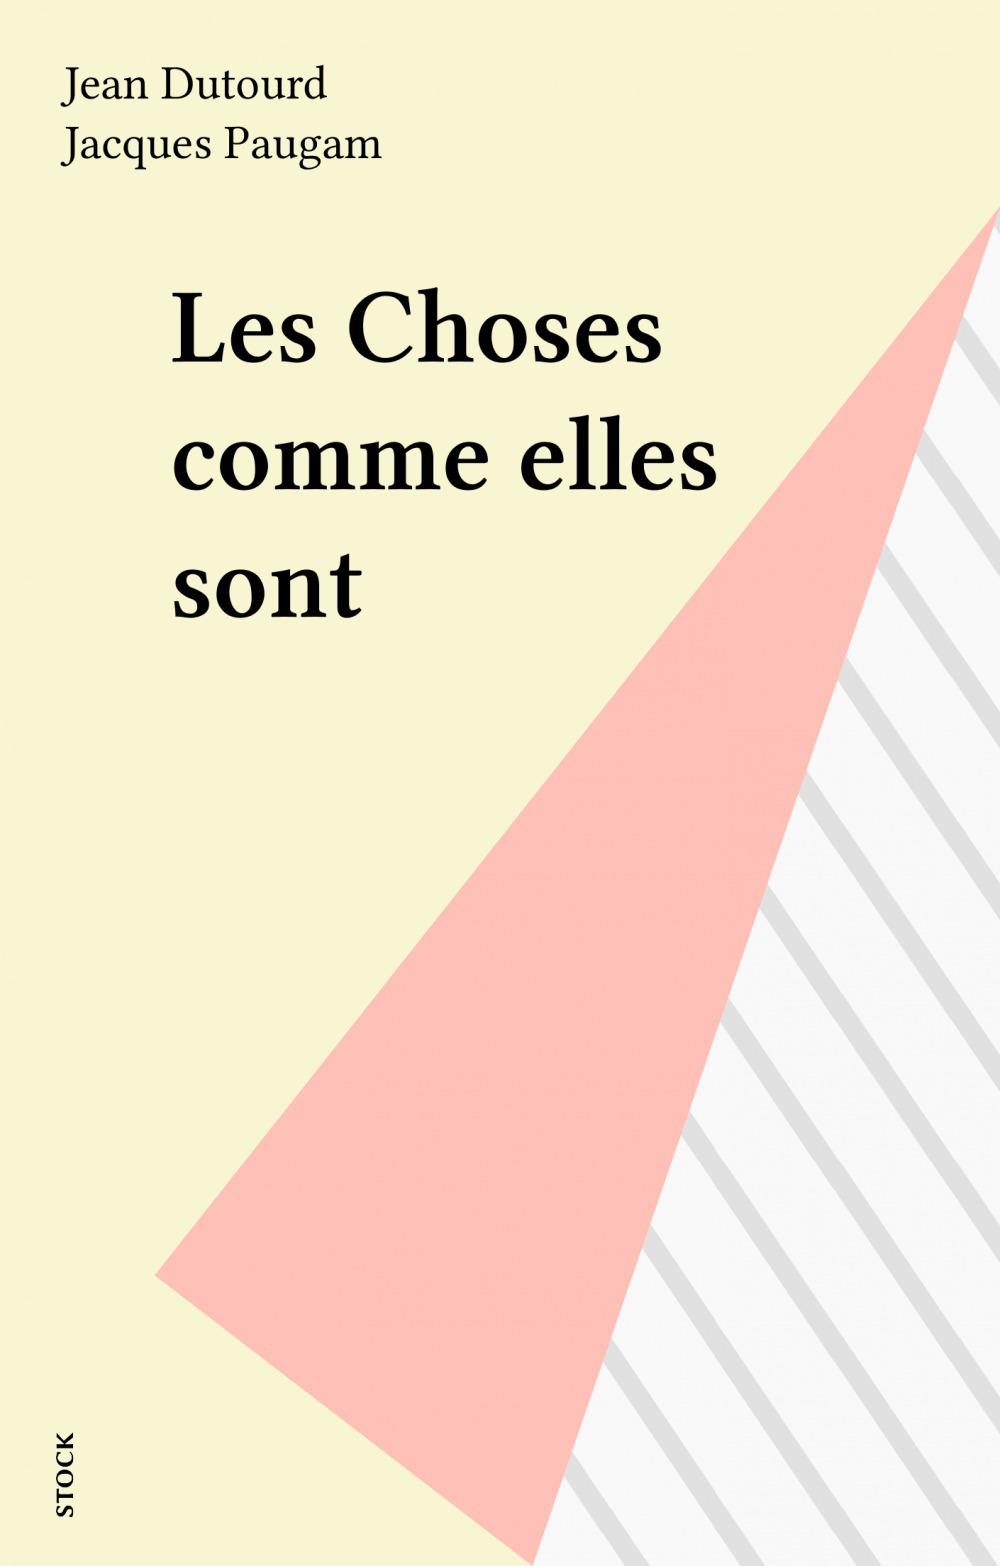 Les Choses comme elles sont  - Jean Dutourd  - Jacques Paugam